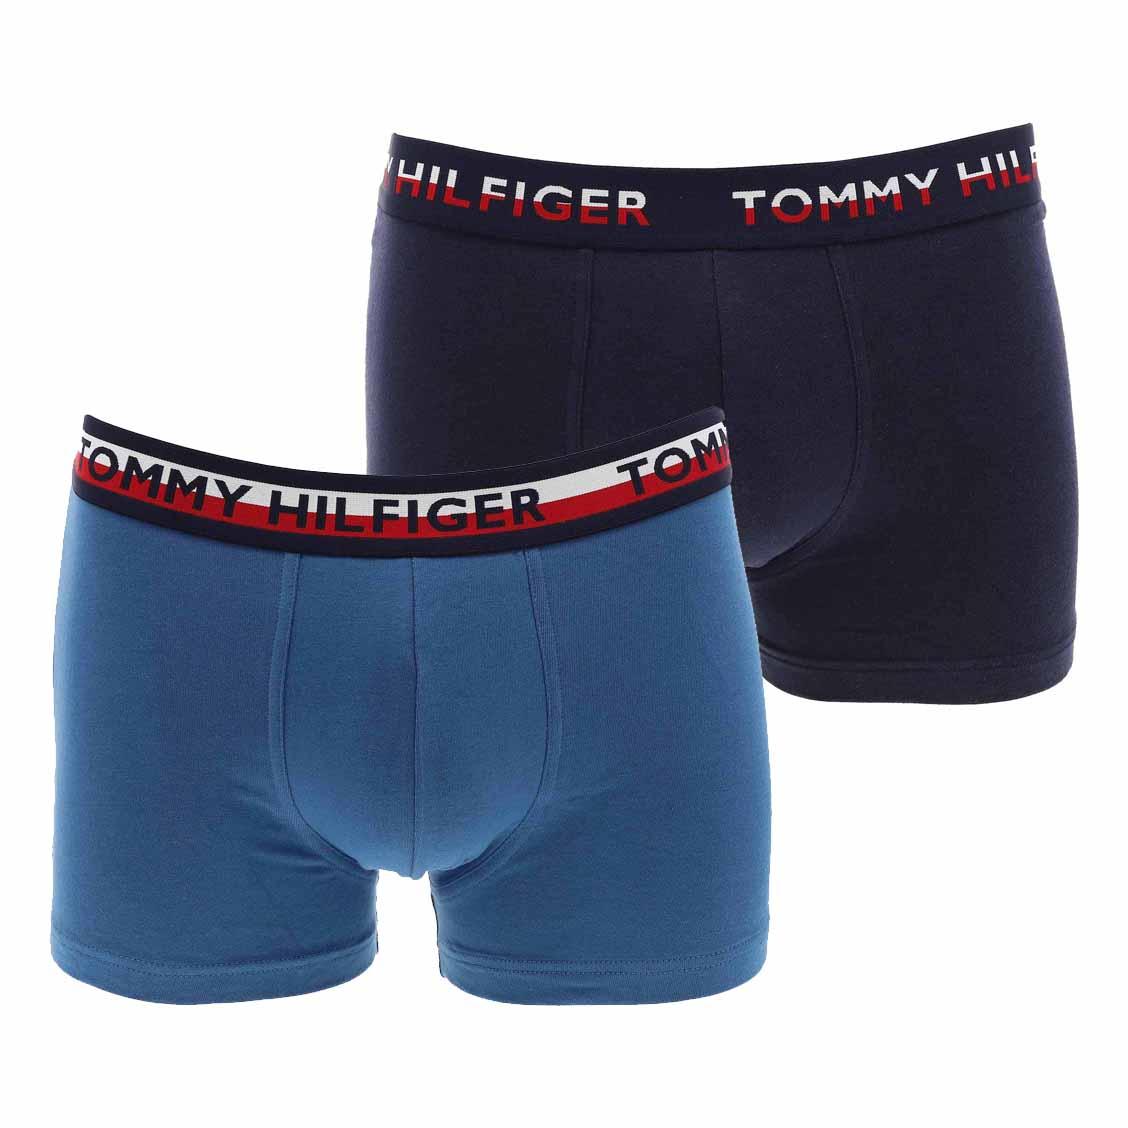 Lot de 2 boxers tommy hilfiger en coton stretch bleu marine et bleu pétrole